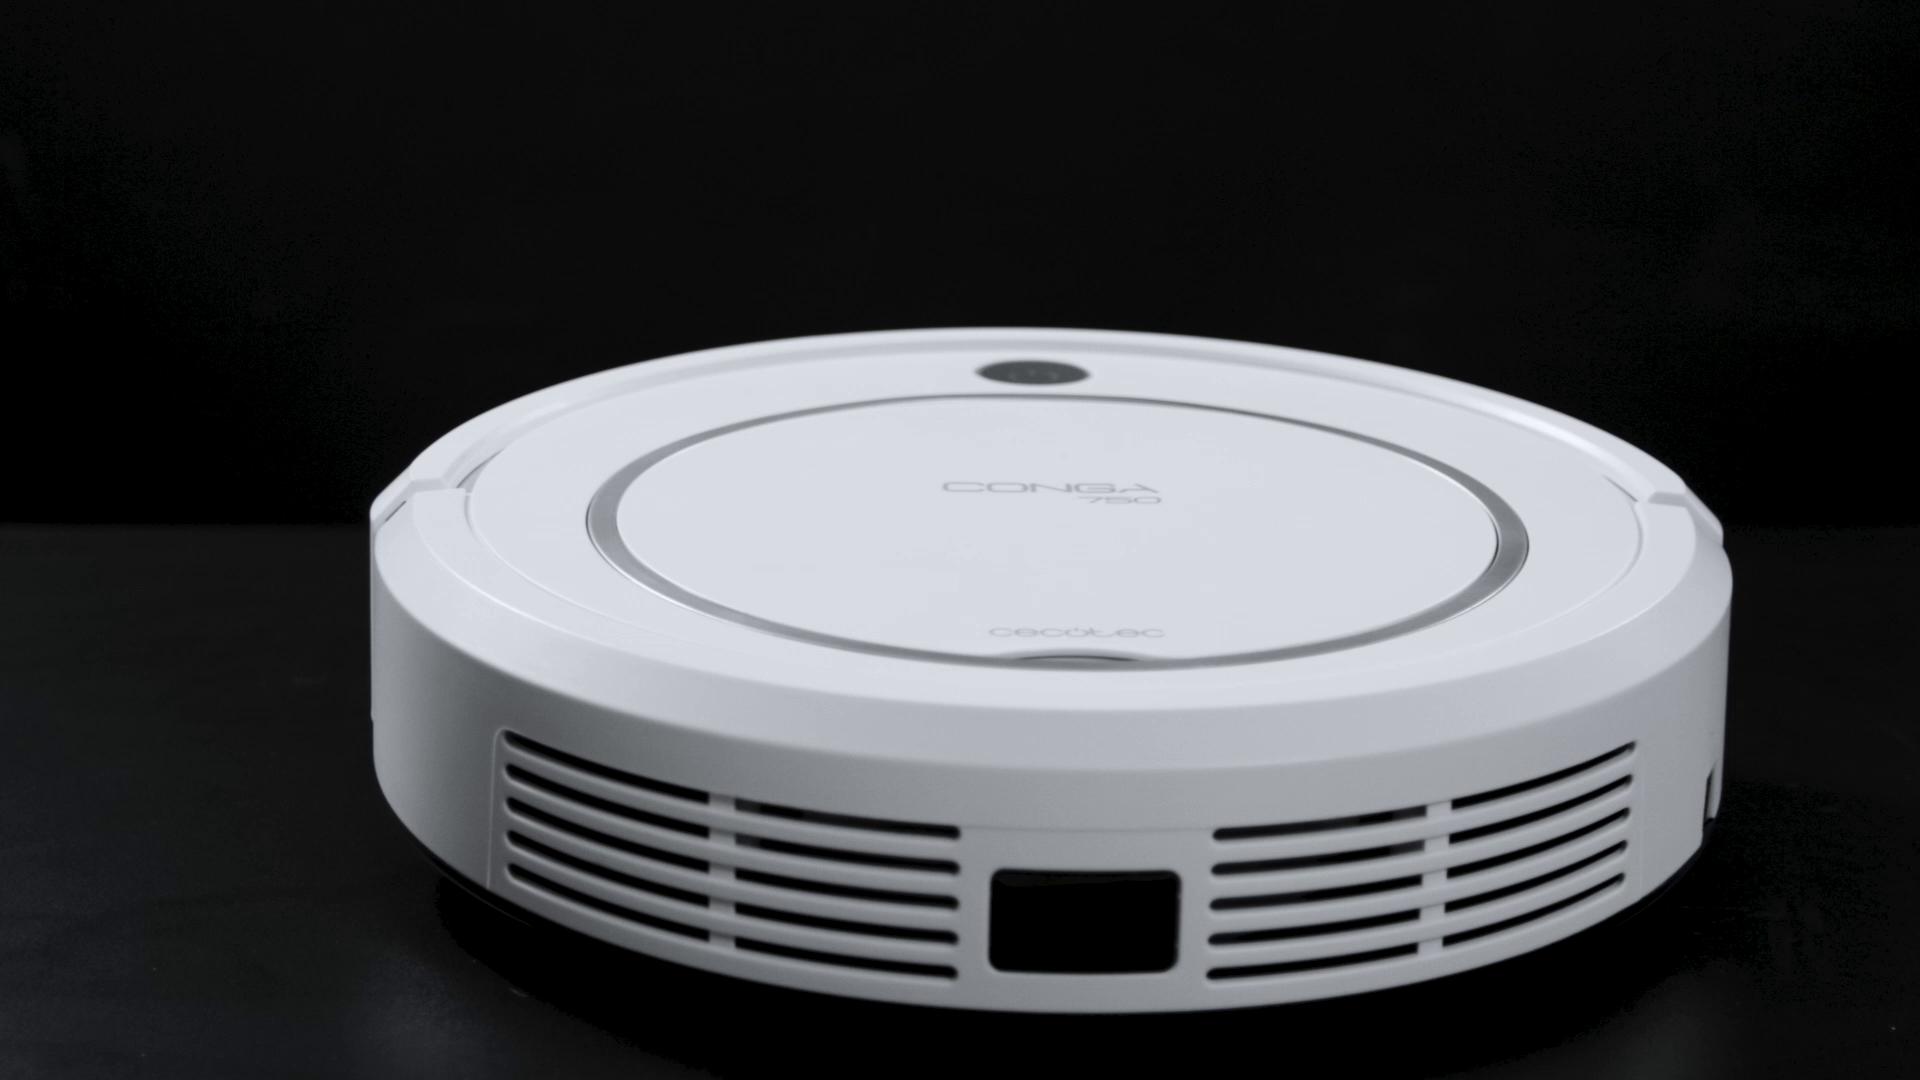 Cecotec Robot Aspirador Conga Serie 750. 800 Pa, Navegación ...